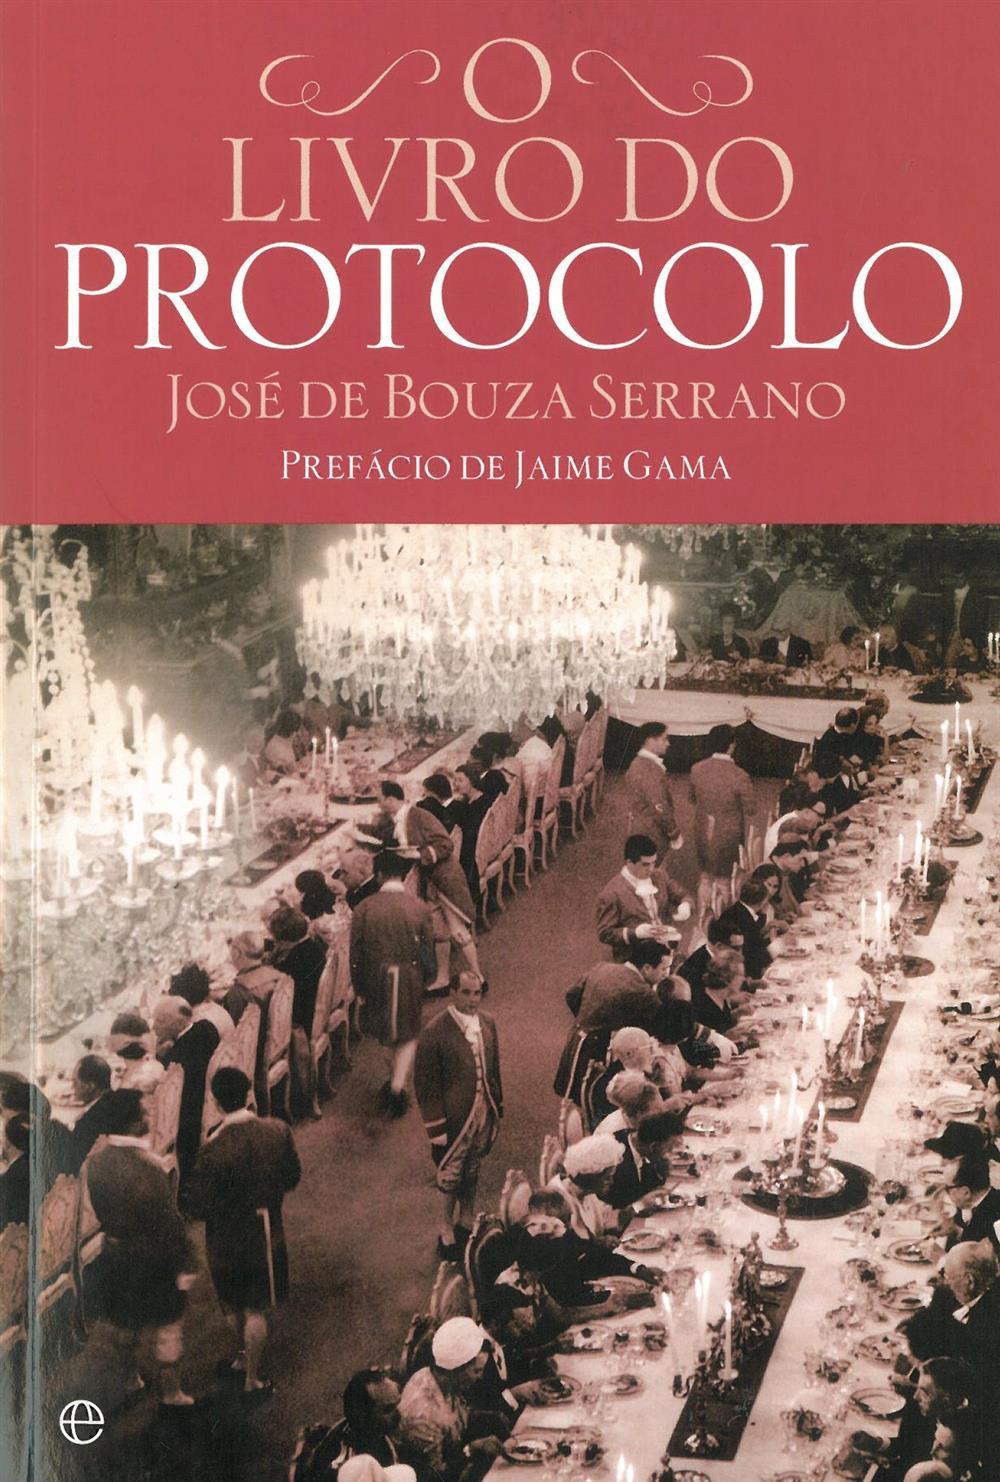 O livro do protocolo.jpg